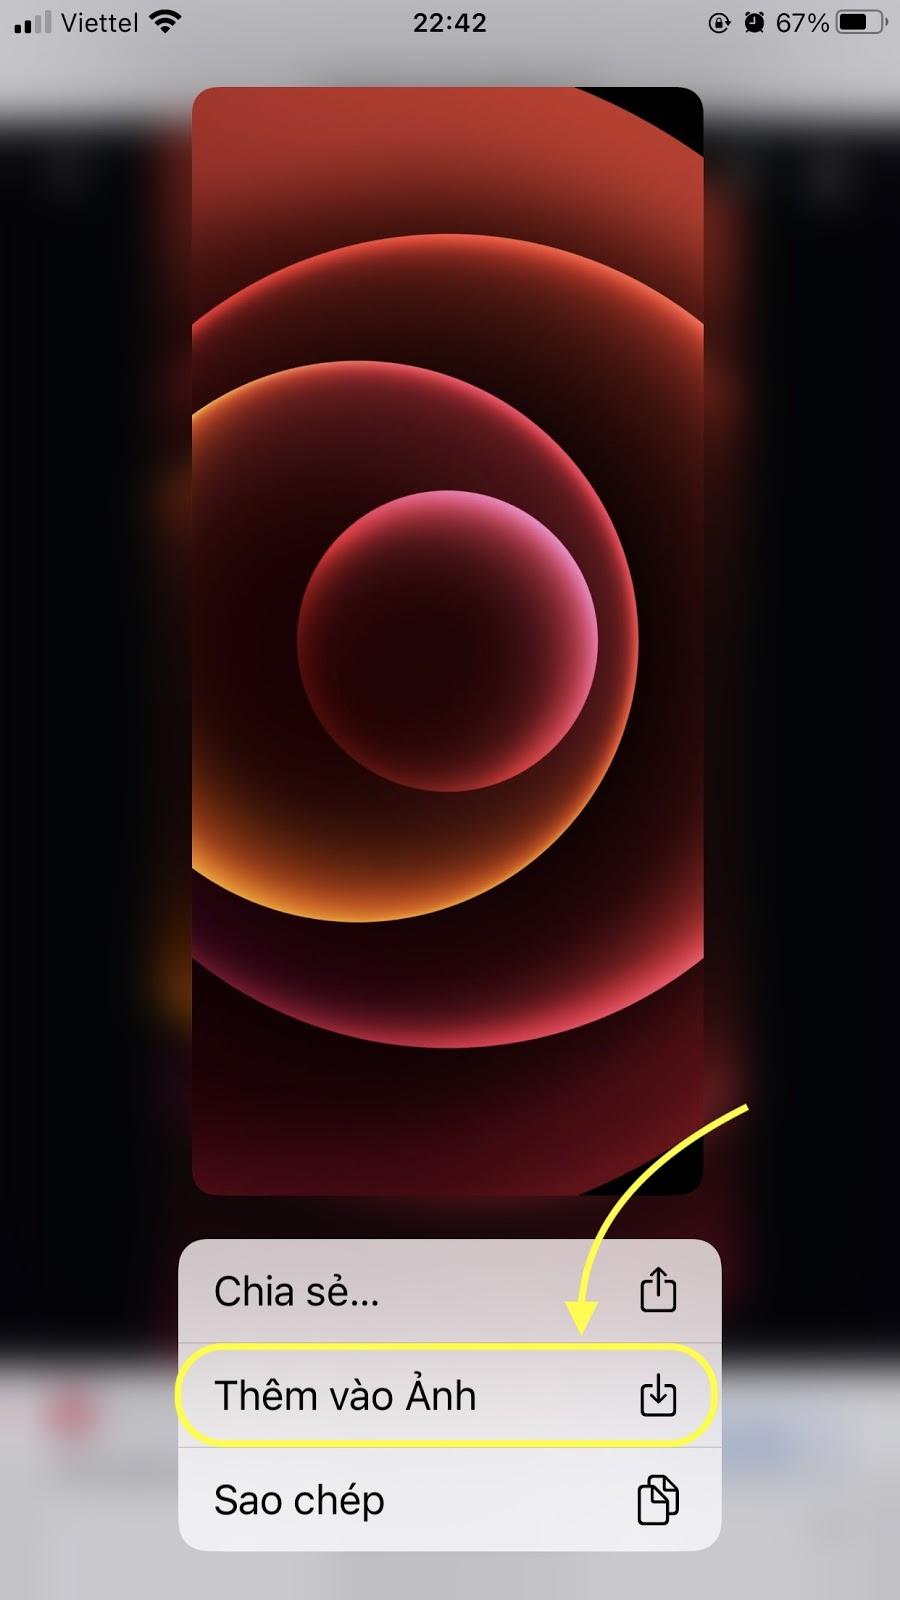 Nhấn Thêm vào ảnh để tải hình nền iPhone 12 về iPhone 11 Pro Max, iPhone 8, 8+